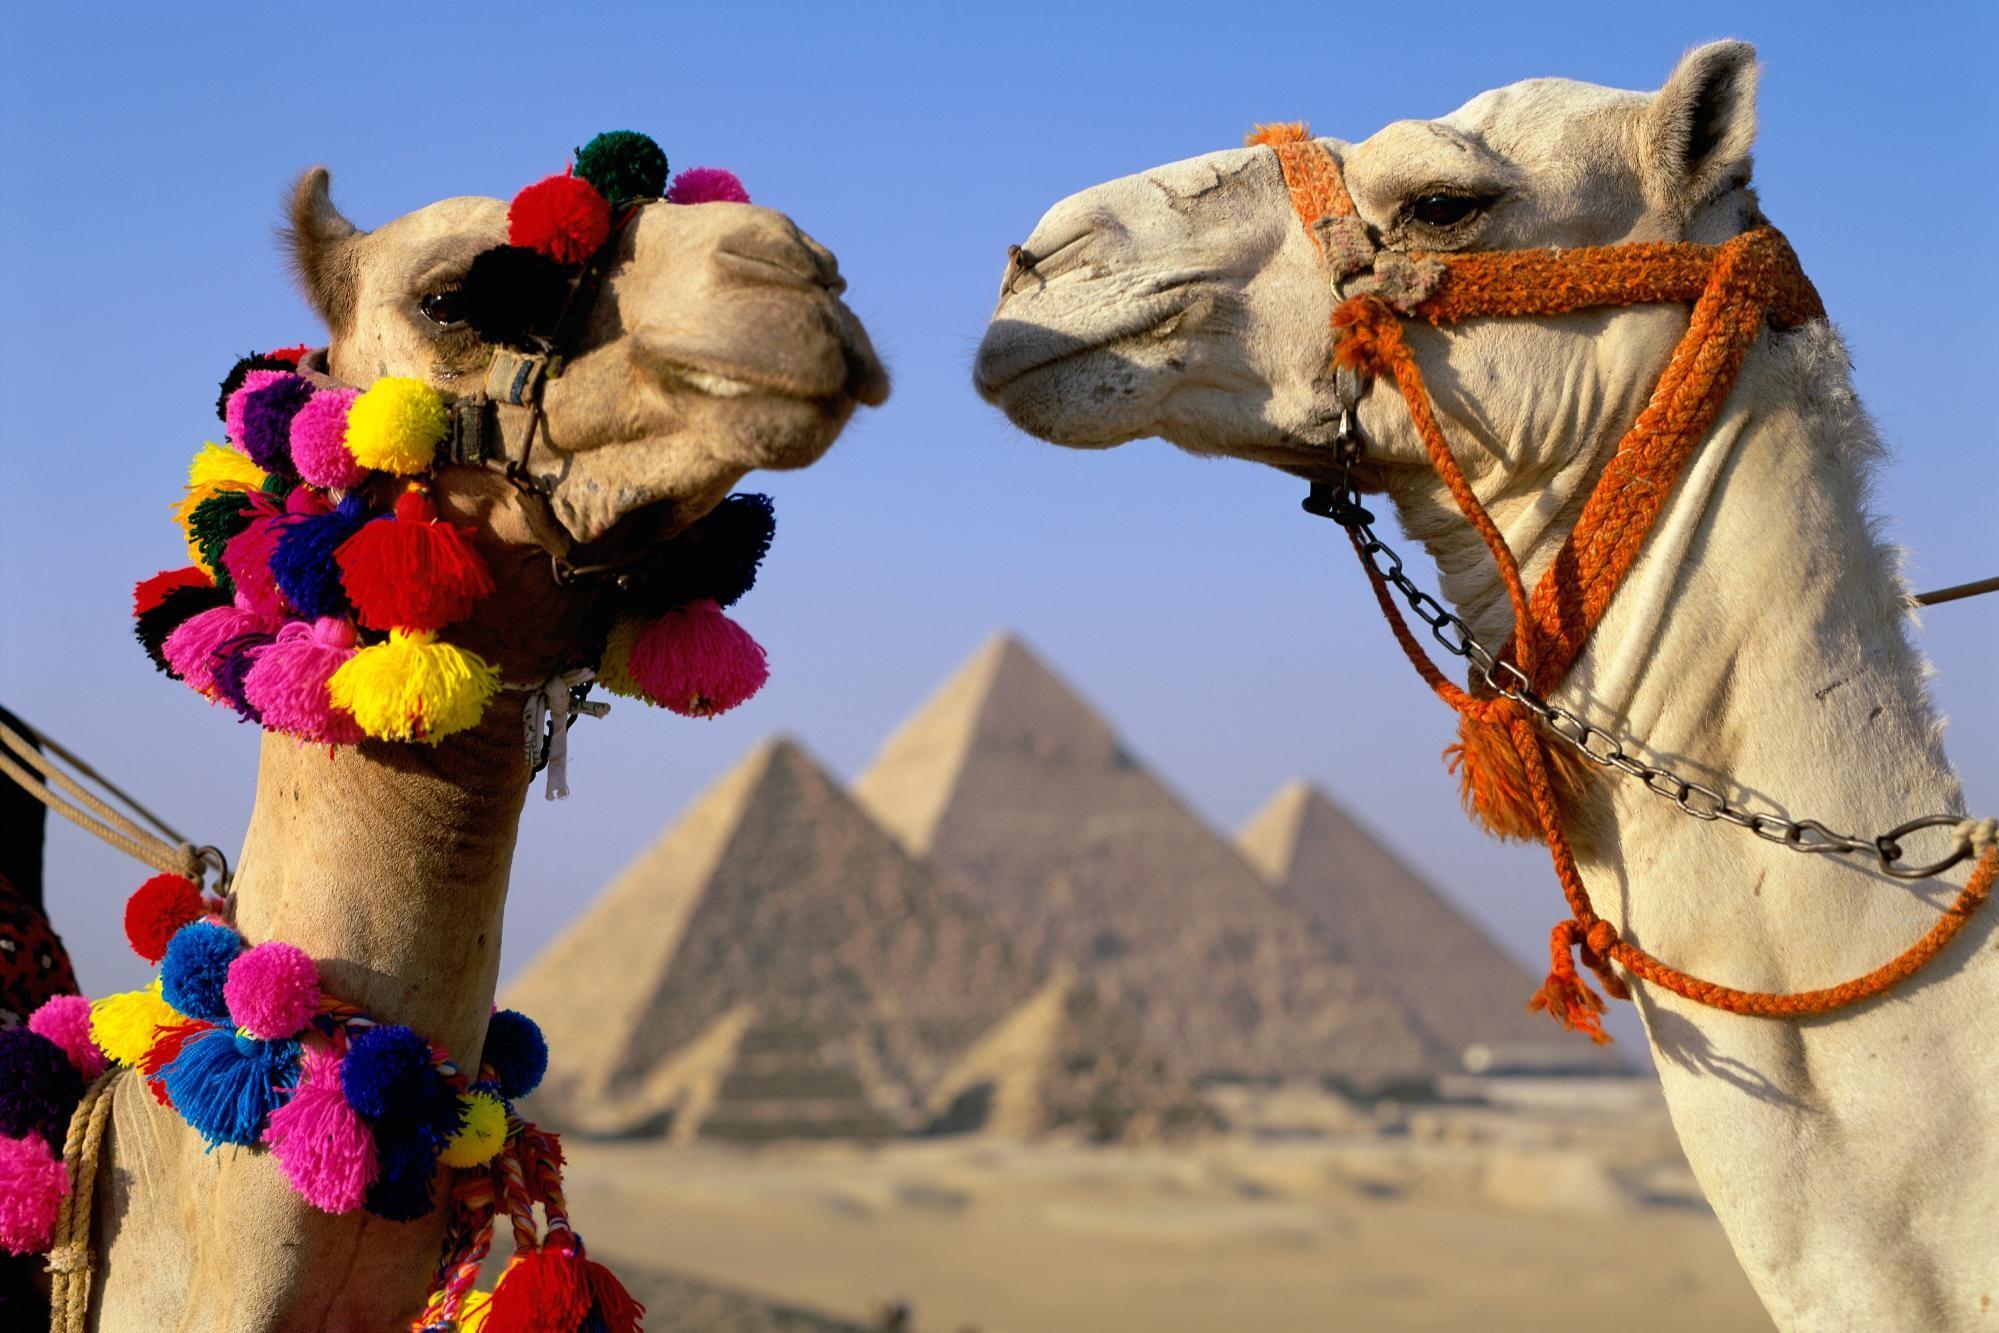 Египет вдва слишним раза увеличивает стоимость въездных виз